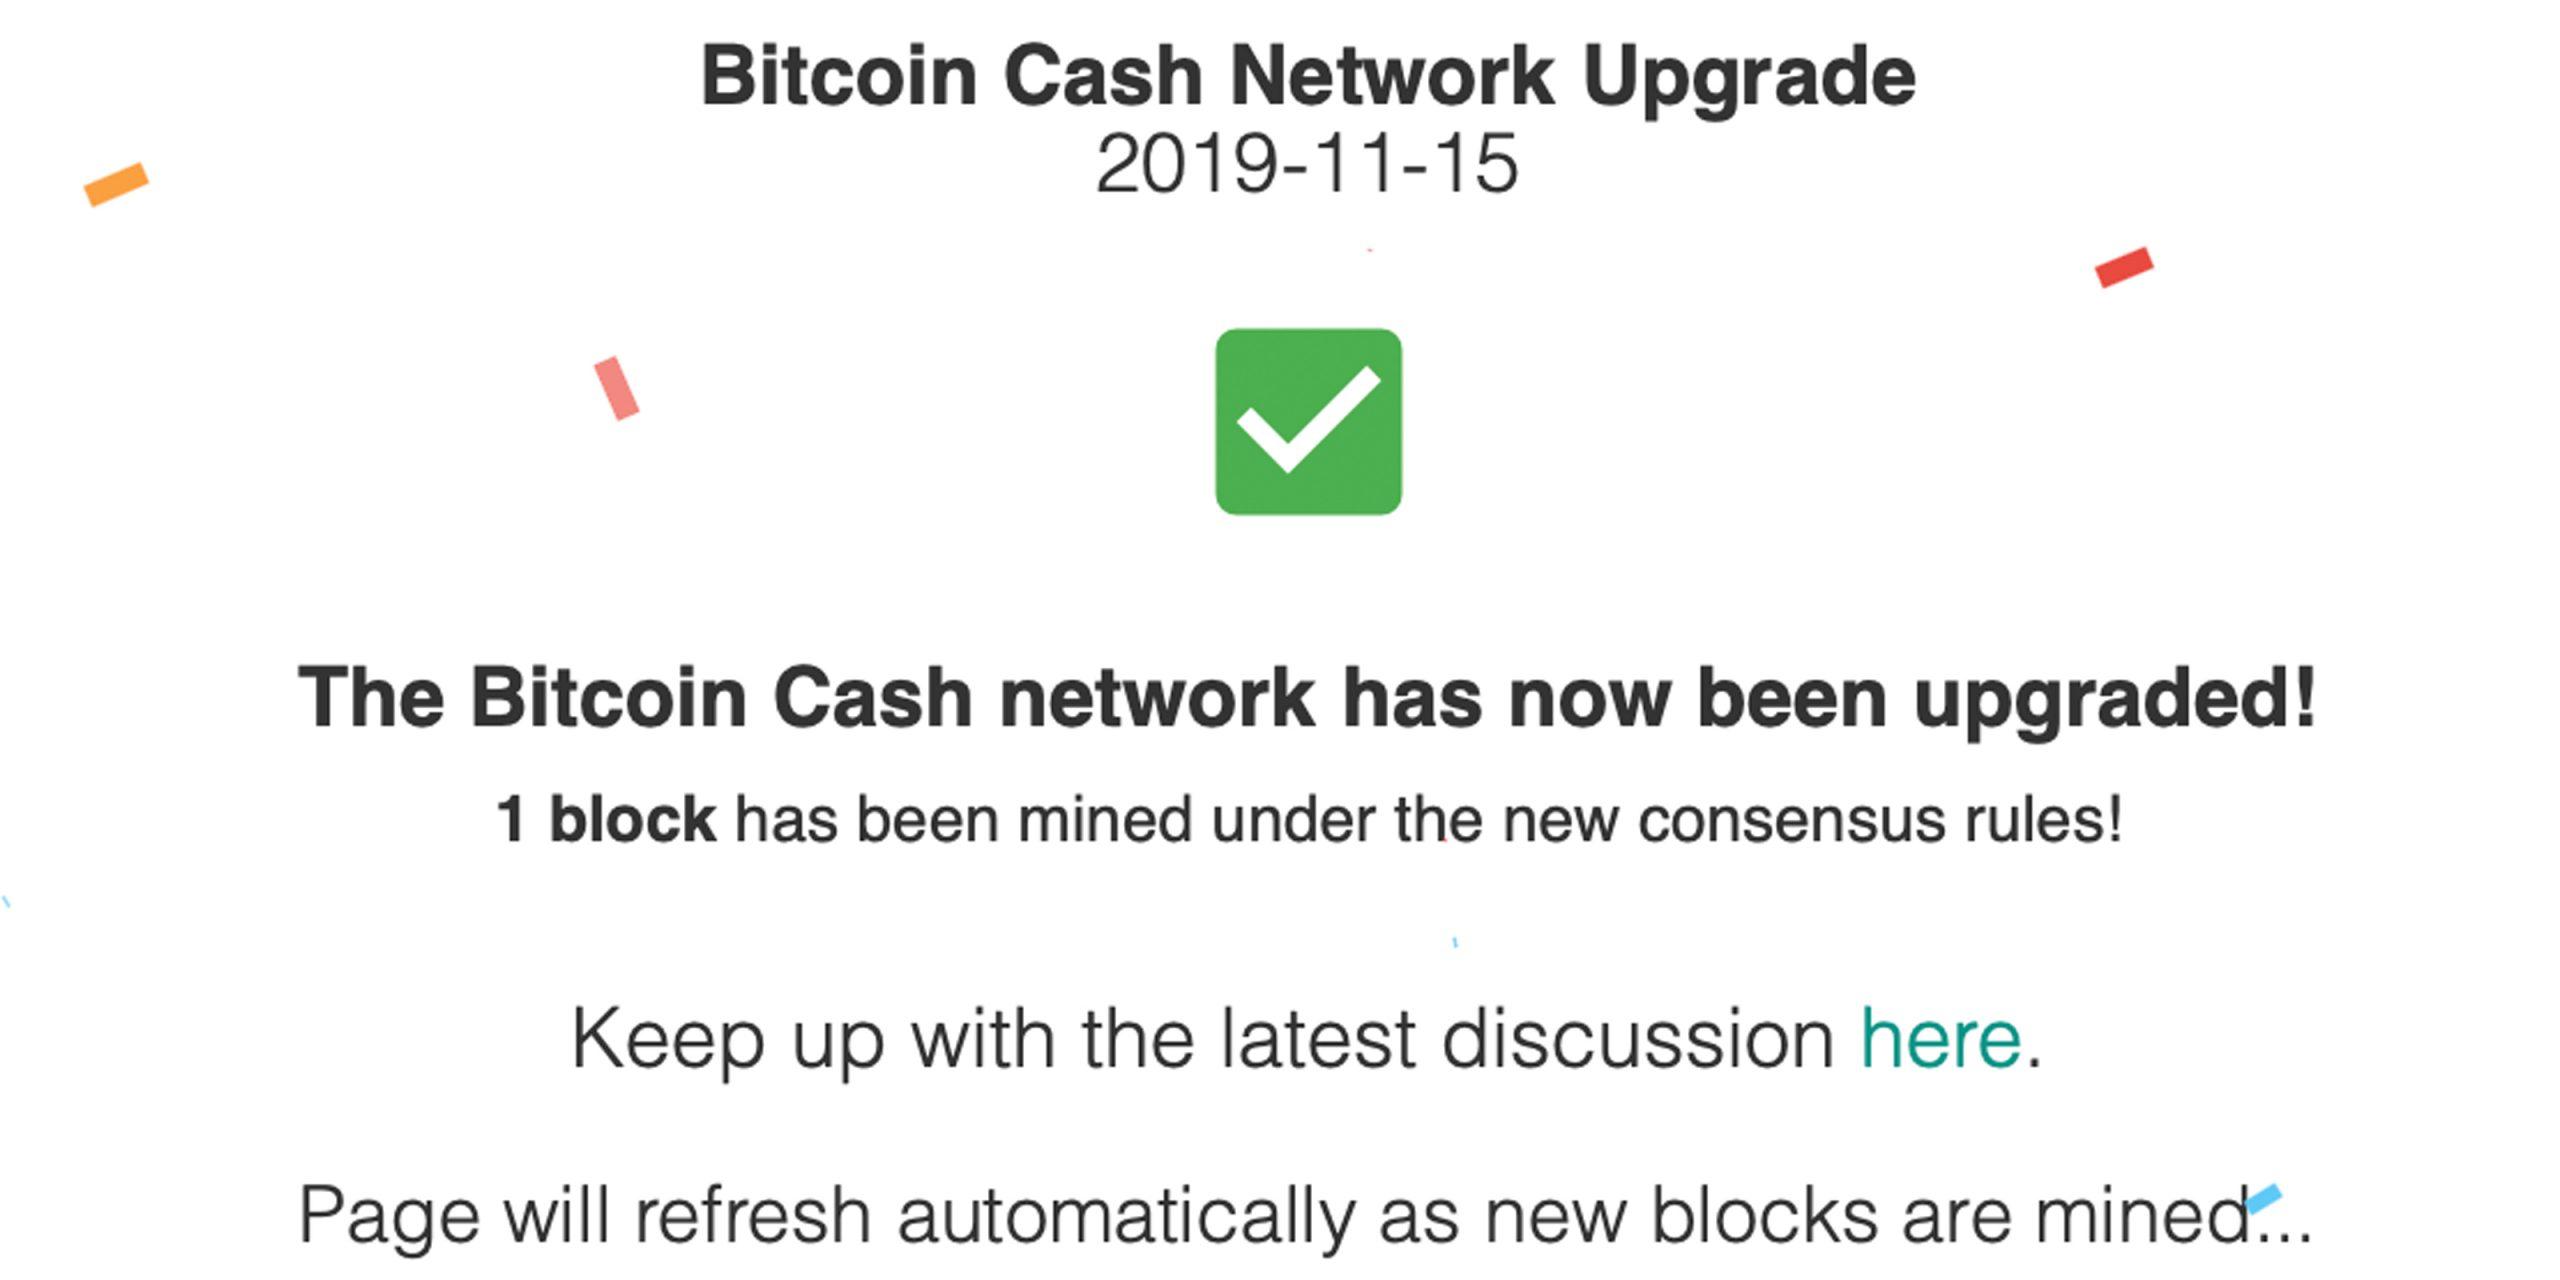 """Actualización completa de Bitcoin Cash: 2 nuevos cambios de protocolo agregados """"ancho = """"2560"""" height = """"1280"""" srcset = """"https://blackswanfinances.com/wp-content/uploads/2019/11/upgradu-scaled.jpg 2560w, https://news.bitcoin.com/wp -content / uploads / 2019/11 / upgradu-300x150.jpg 300w, https://news.bitcoin.com/wp-content/uploads/2019/11/upgradu-1024x512.jpg 1024w, https: //news.bitcoin .com / wp-content / uploads / 2019/11 / upgradu-768x384.jpg 768w, https://news.bitcoin.com/wp-content/uploads/2019/11/upgradu-1536x768.jpg 1536w, https: / /news.bitcoin.com/wp-content/uploads/2019/11/upgradu-2048x1024.jpg 2048w, https://news.bitcoin.com/wp-content/uploads/2019/11/upgradu-696x348.jpg 696w , https://news.bitcoin.com/wp-content/uploads/2019/11/upgradu-1392x696.jpg 1392w, https://news.bitcoin.com/wp-content/uploads/2019/11/upgradu- 1068x534.jpg 1068w, https://news.bitcoin.com/wp-content/uploads/201 9/11 / upgradu-840x420.jpg 840w, https://news.bitcoin.com/wp-content/uploads/2019/11/upgradu-1920x960.jpg 1920w """"tamaños ="""" (ancho máximo: 2560px) 100vw, 2560px"""